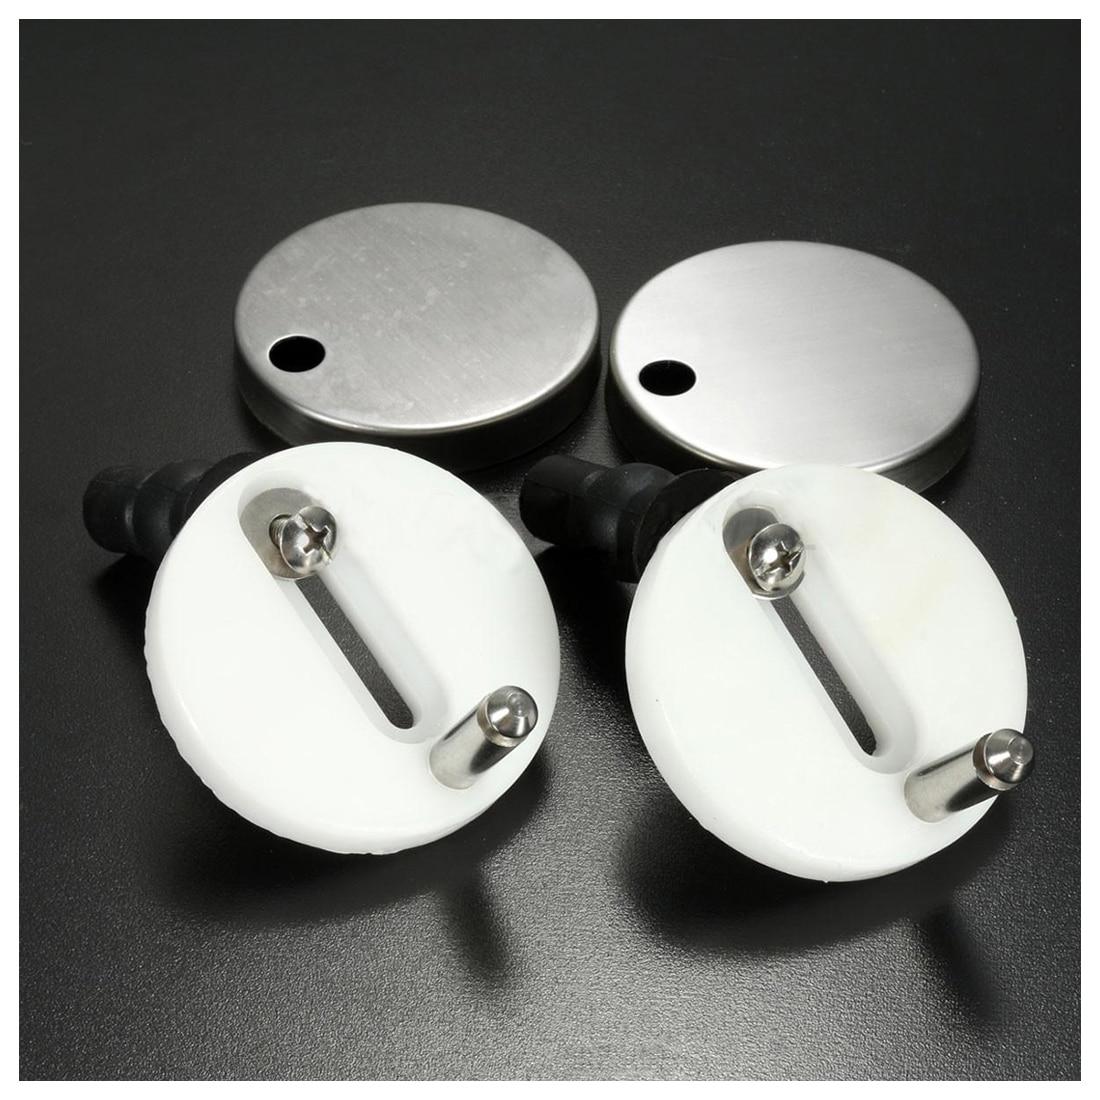 2 шт. DIY Пластик унитаза винты крепления Fit сиденья для унитаза петли Ремонт Инструменты Размеры: 4,4x2,4 см